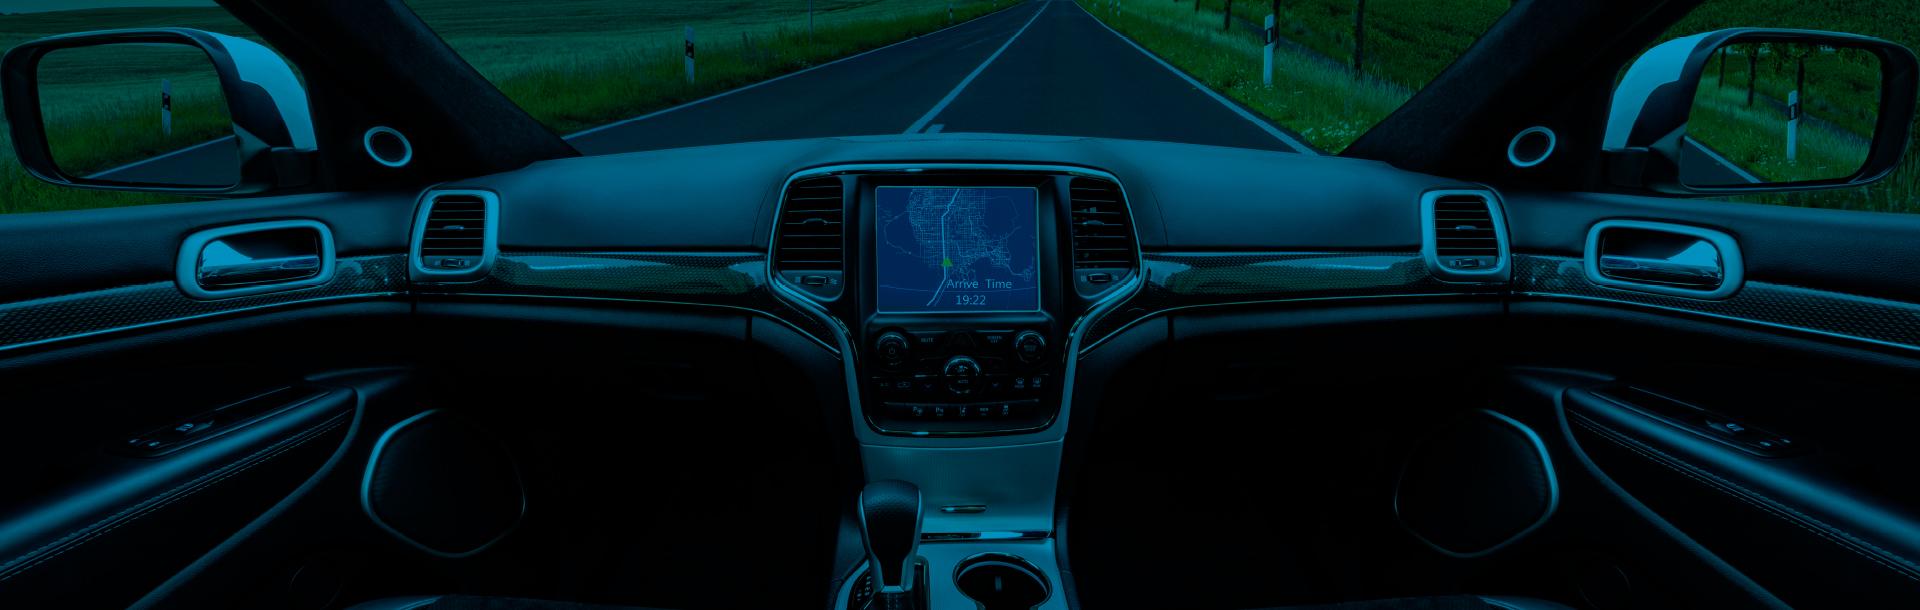 The Glimpse (Autonomous Car)